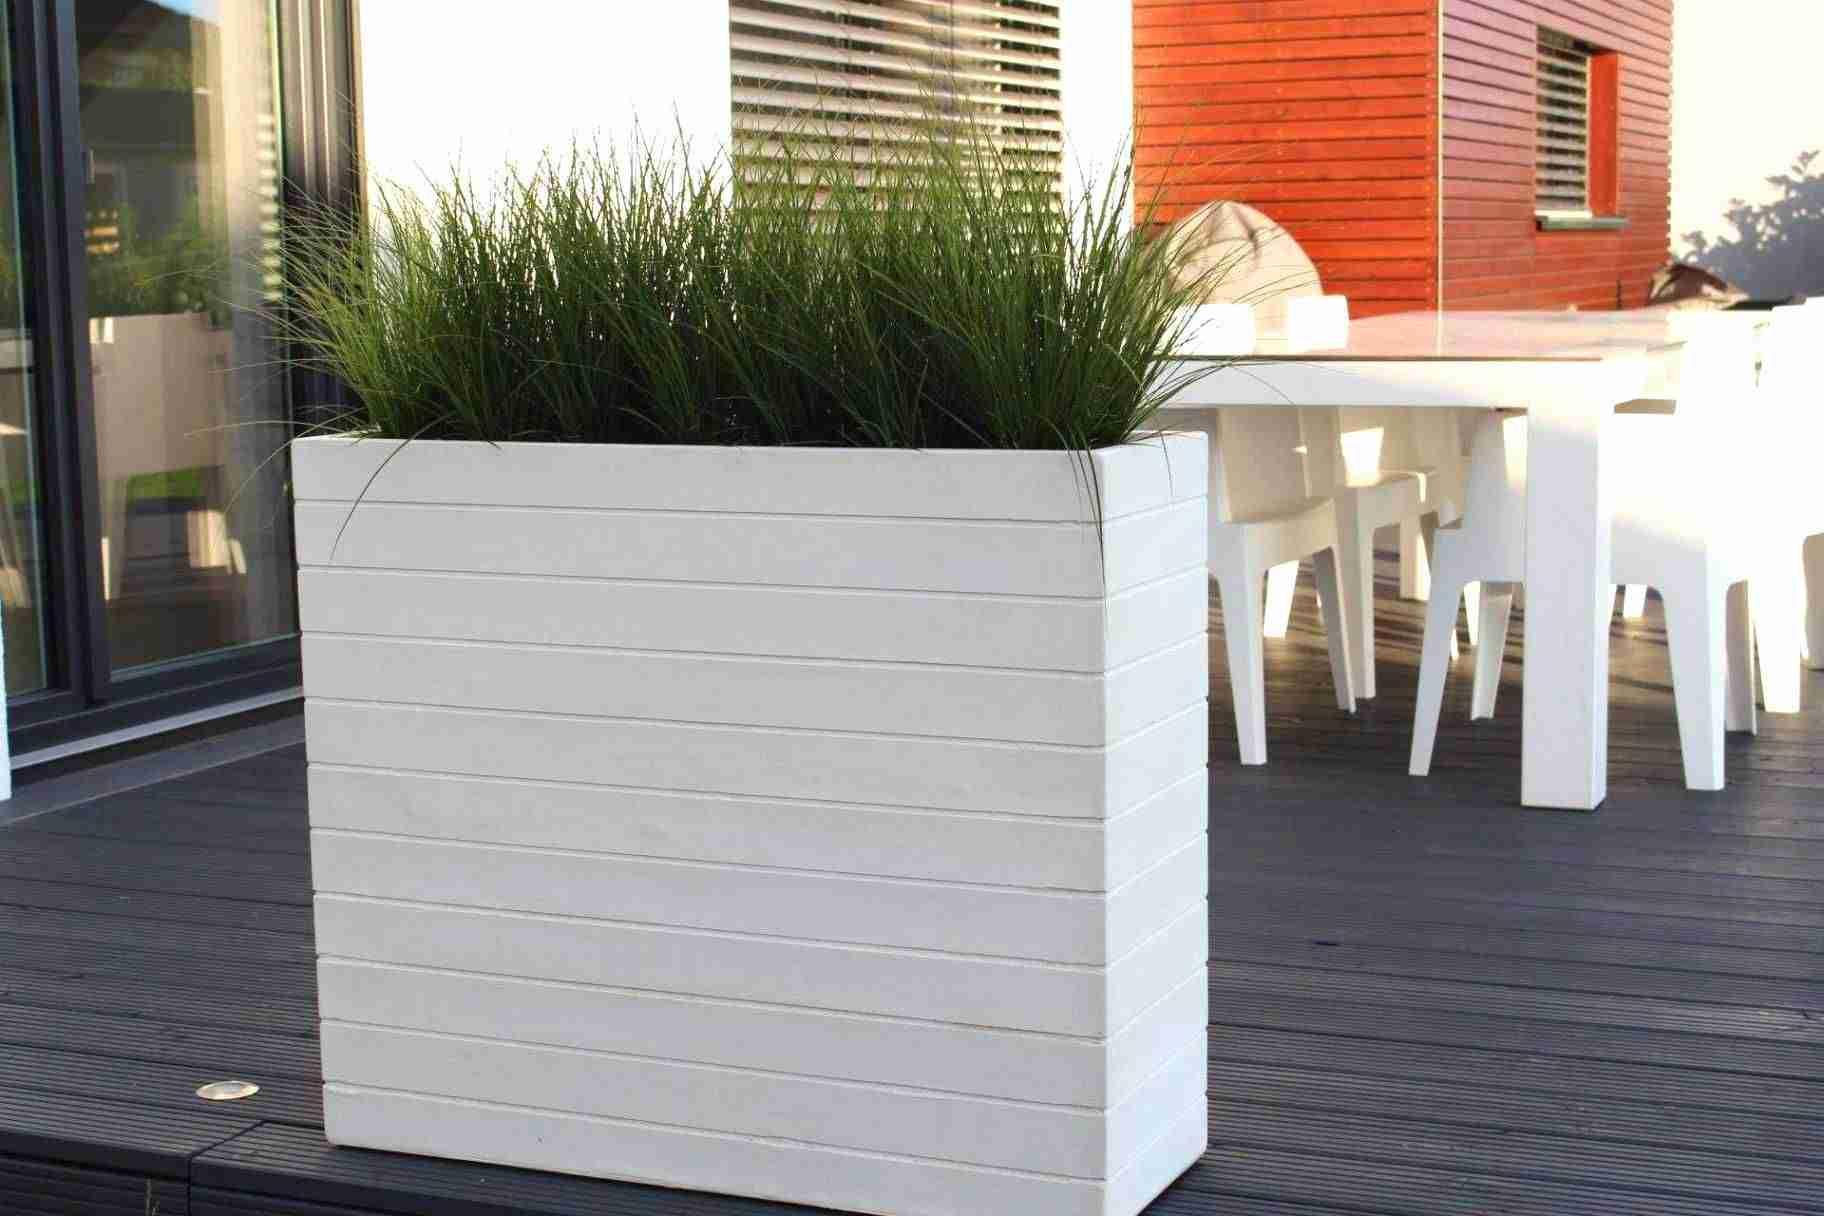 terrasse sichtschutz selber bauen luxus sichtschutz aus paletten konzept von sichtschutz aus paletten of sichtschutz aus paletten